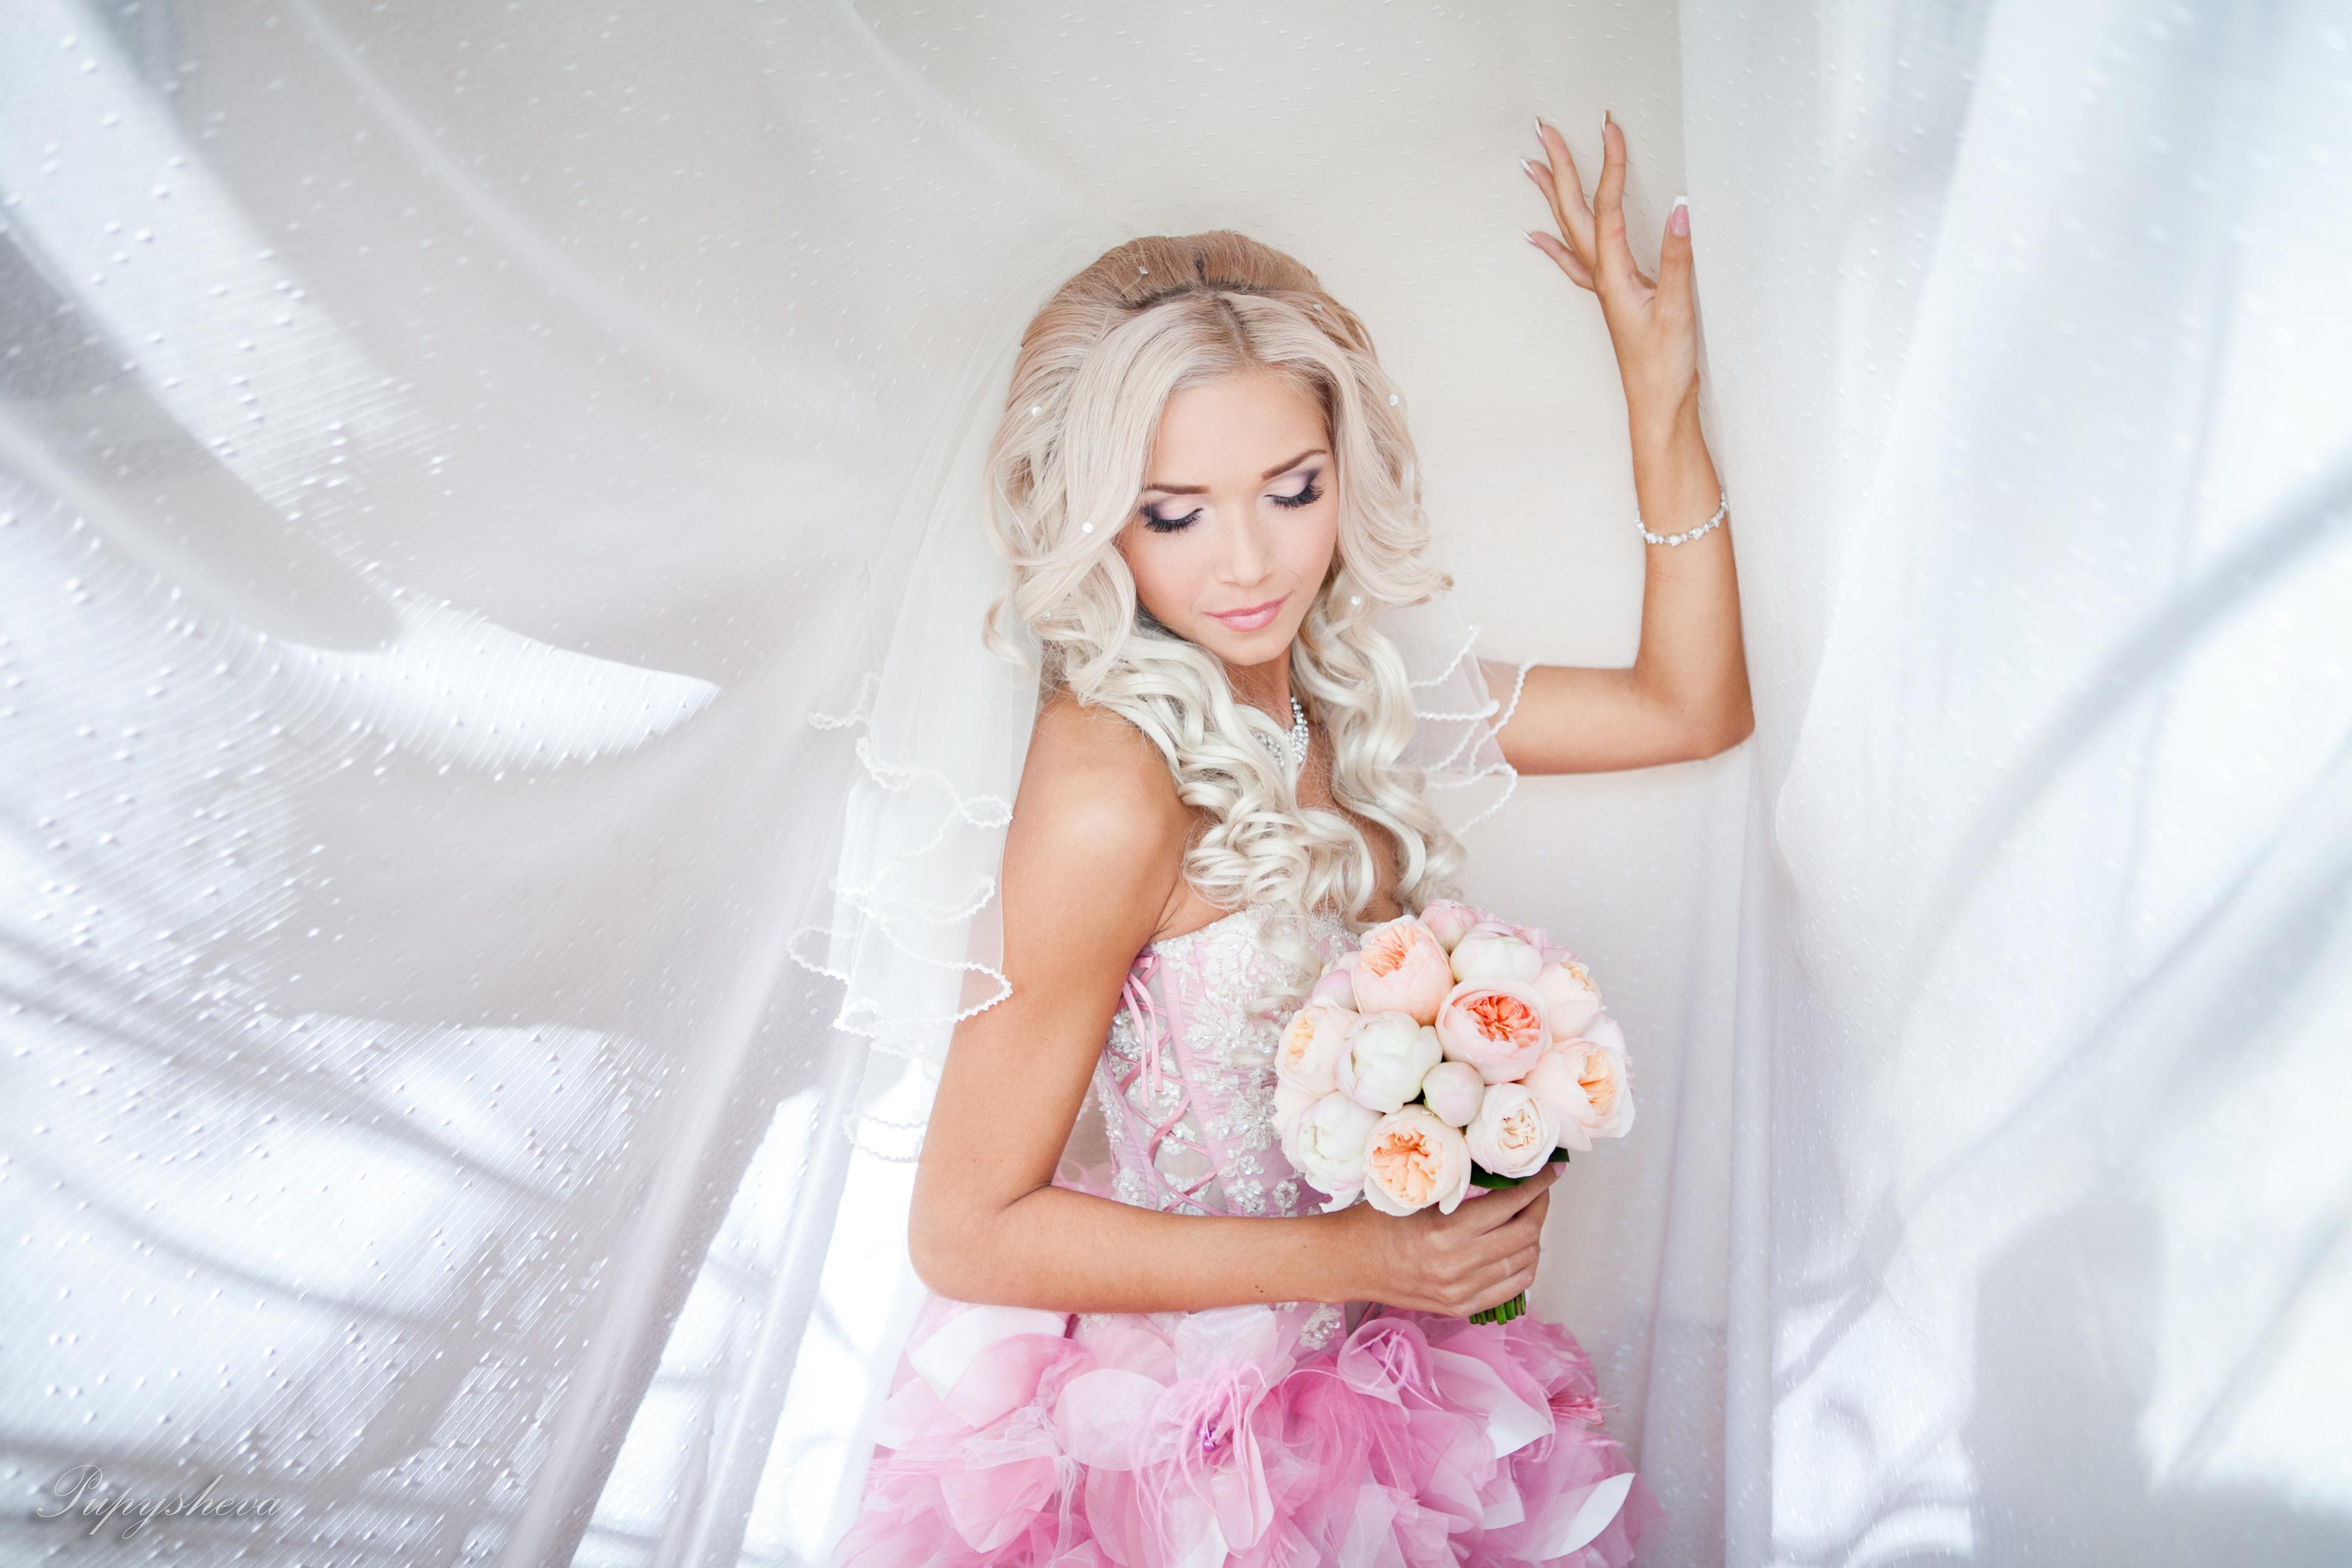 Фото на аву блондинок в свадебном платье